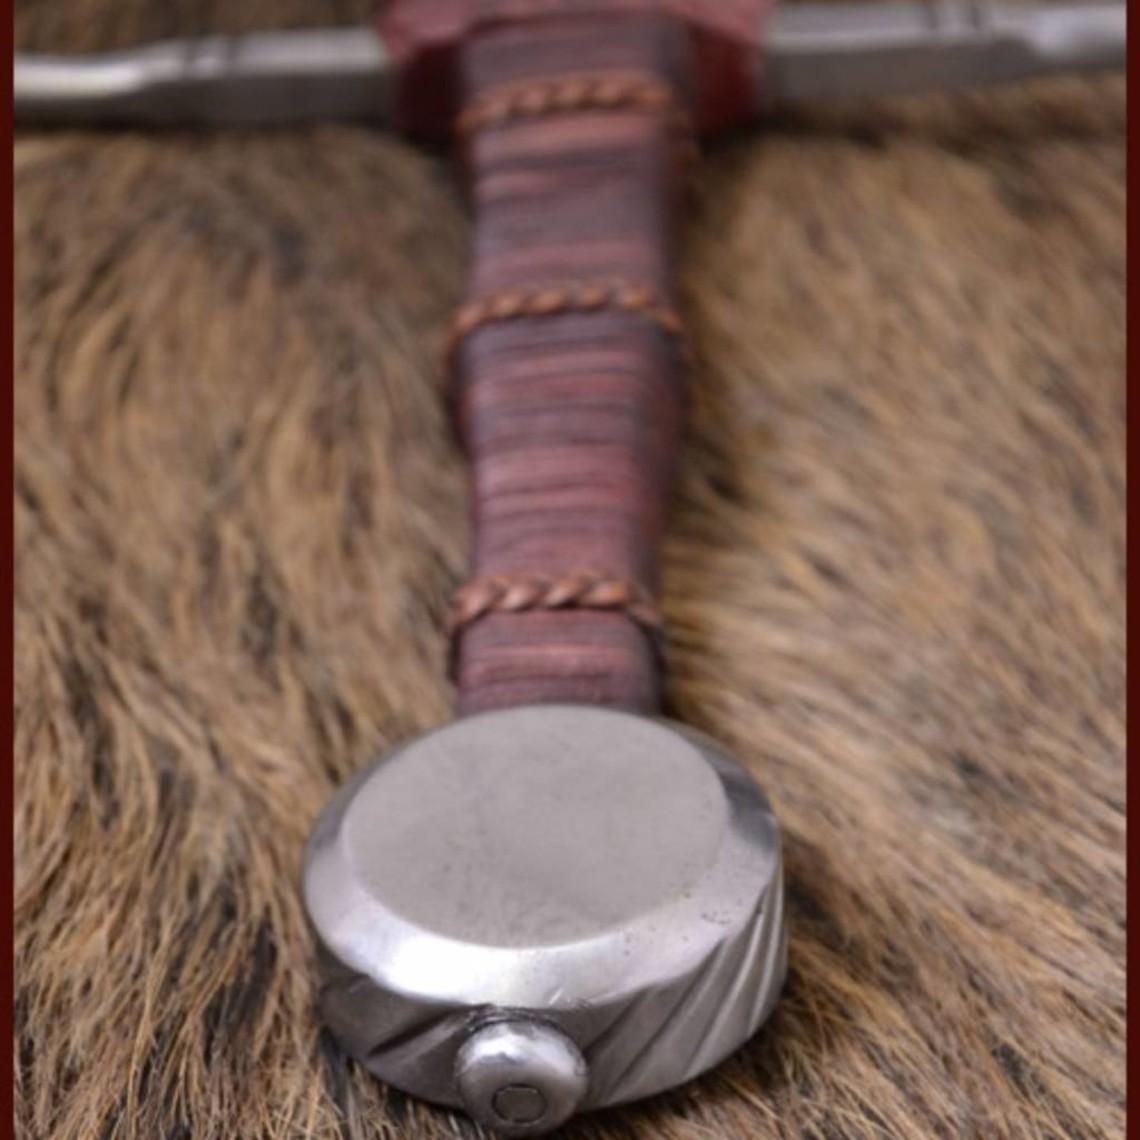 Deepeeka Spada da una mano e mezza museo di Cluny, da combattimento